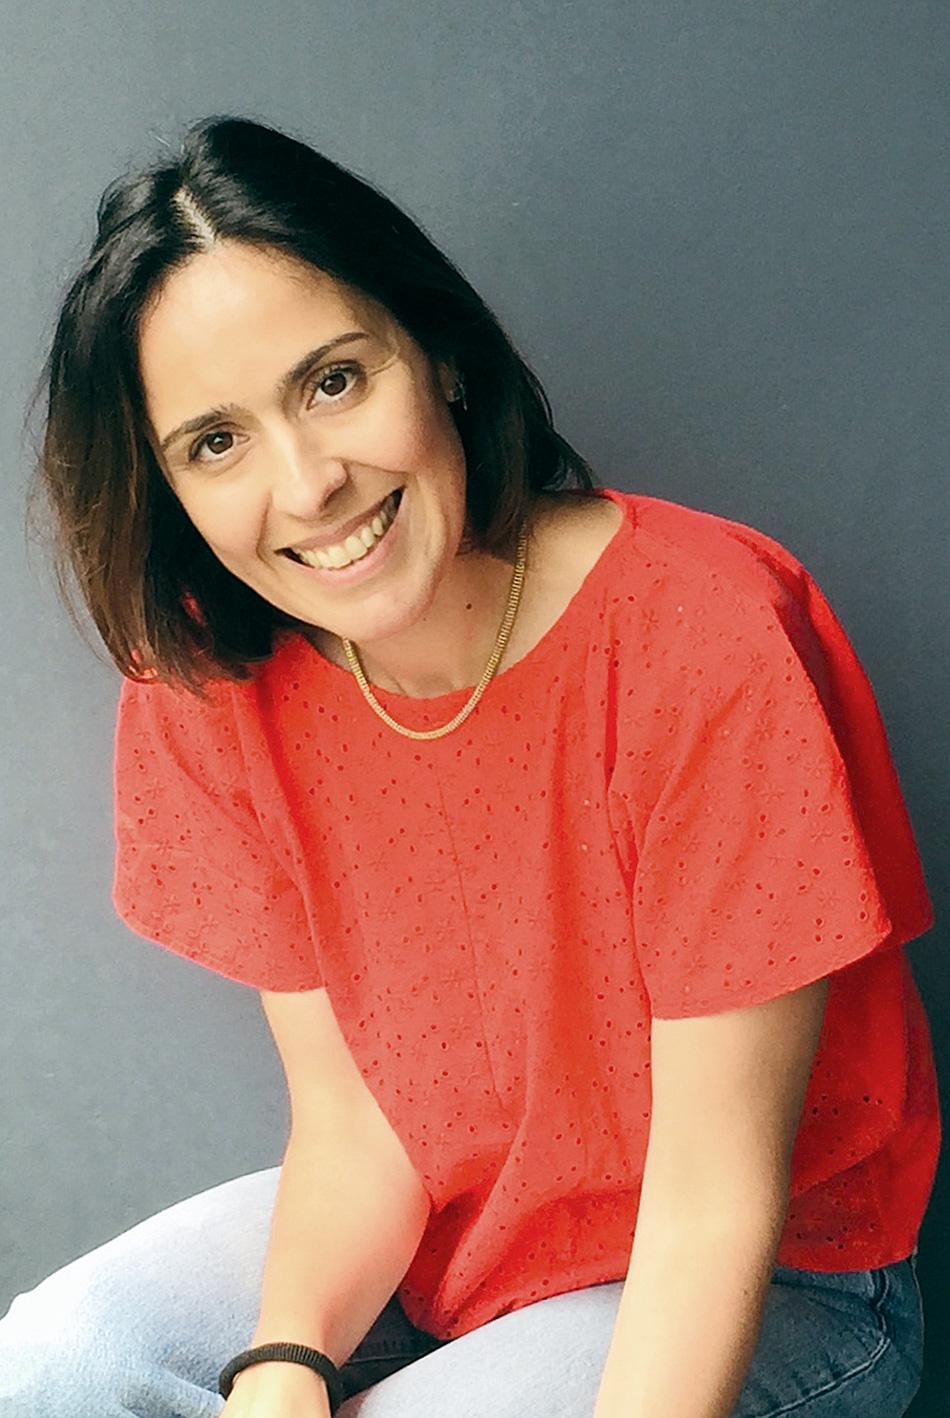 Mariana Bacelar